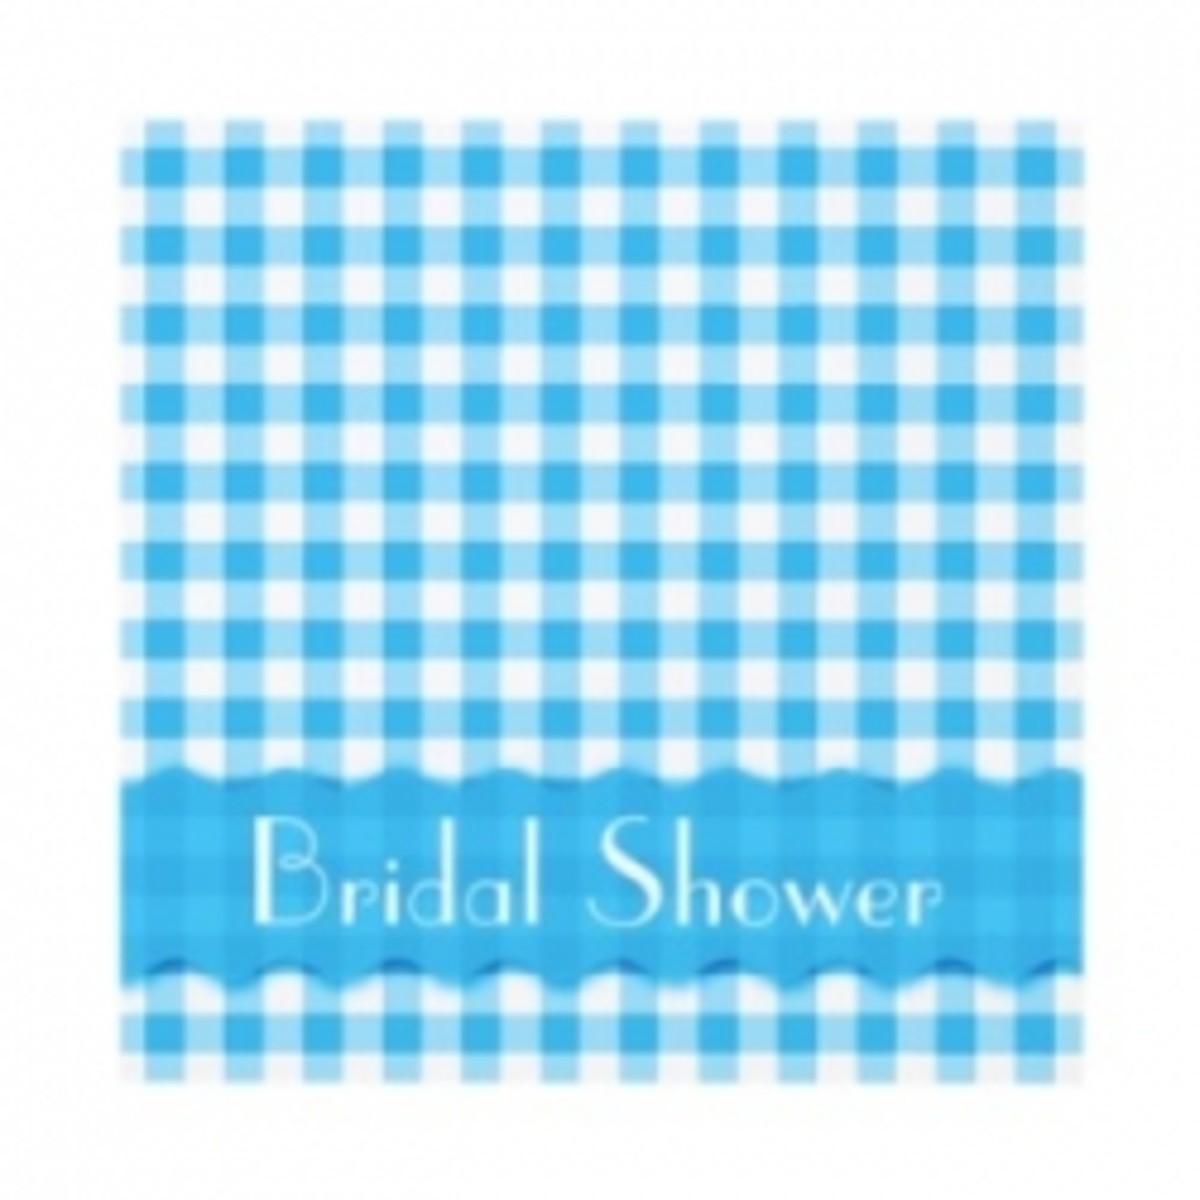 Bridal shower invite design by sema